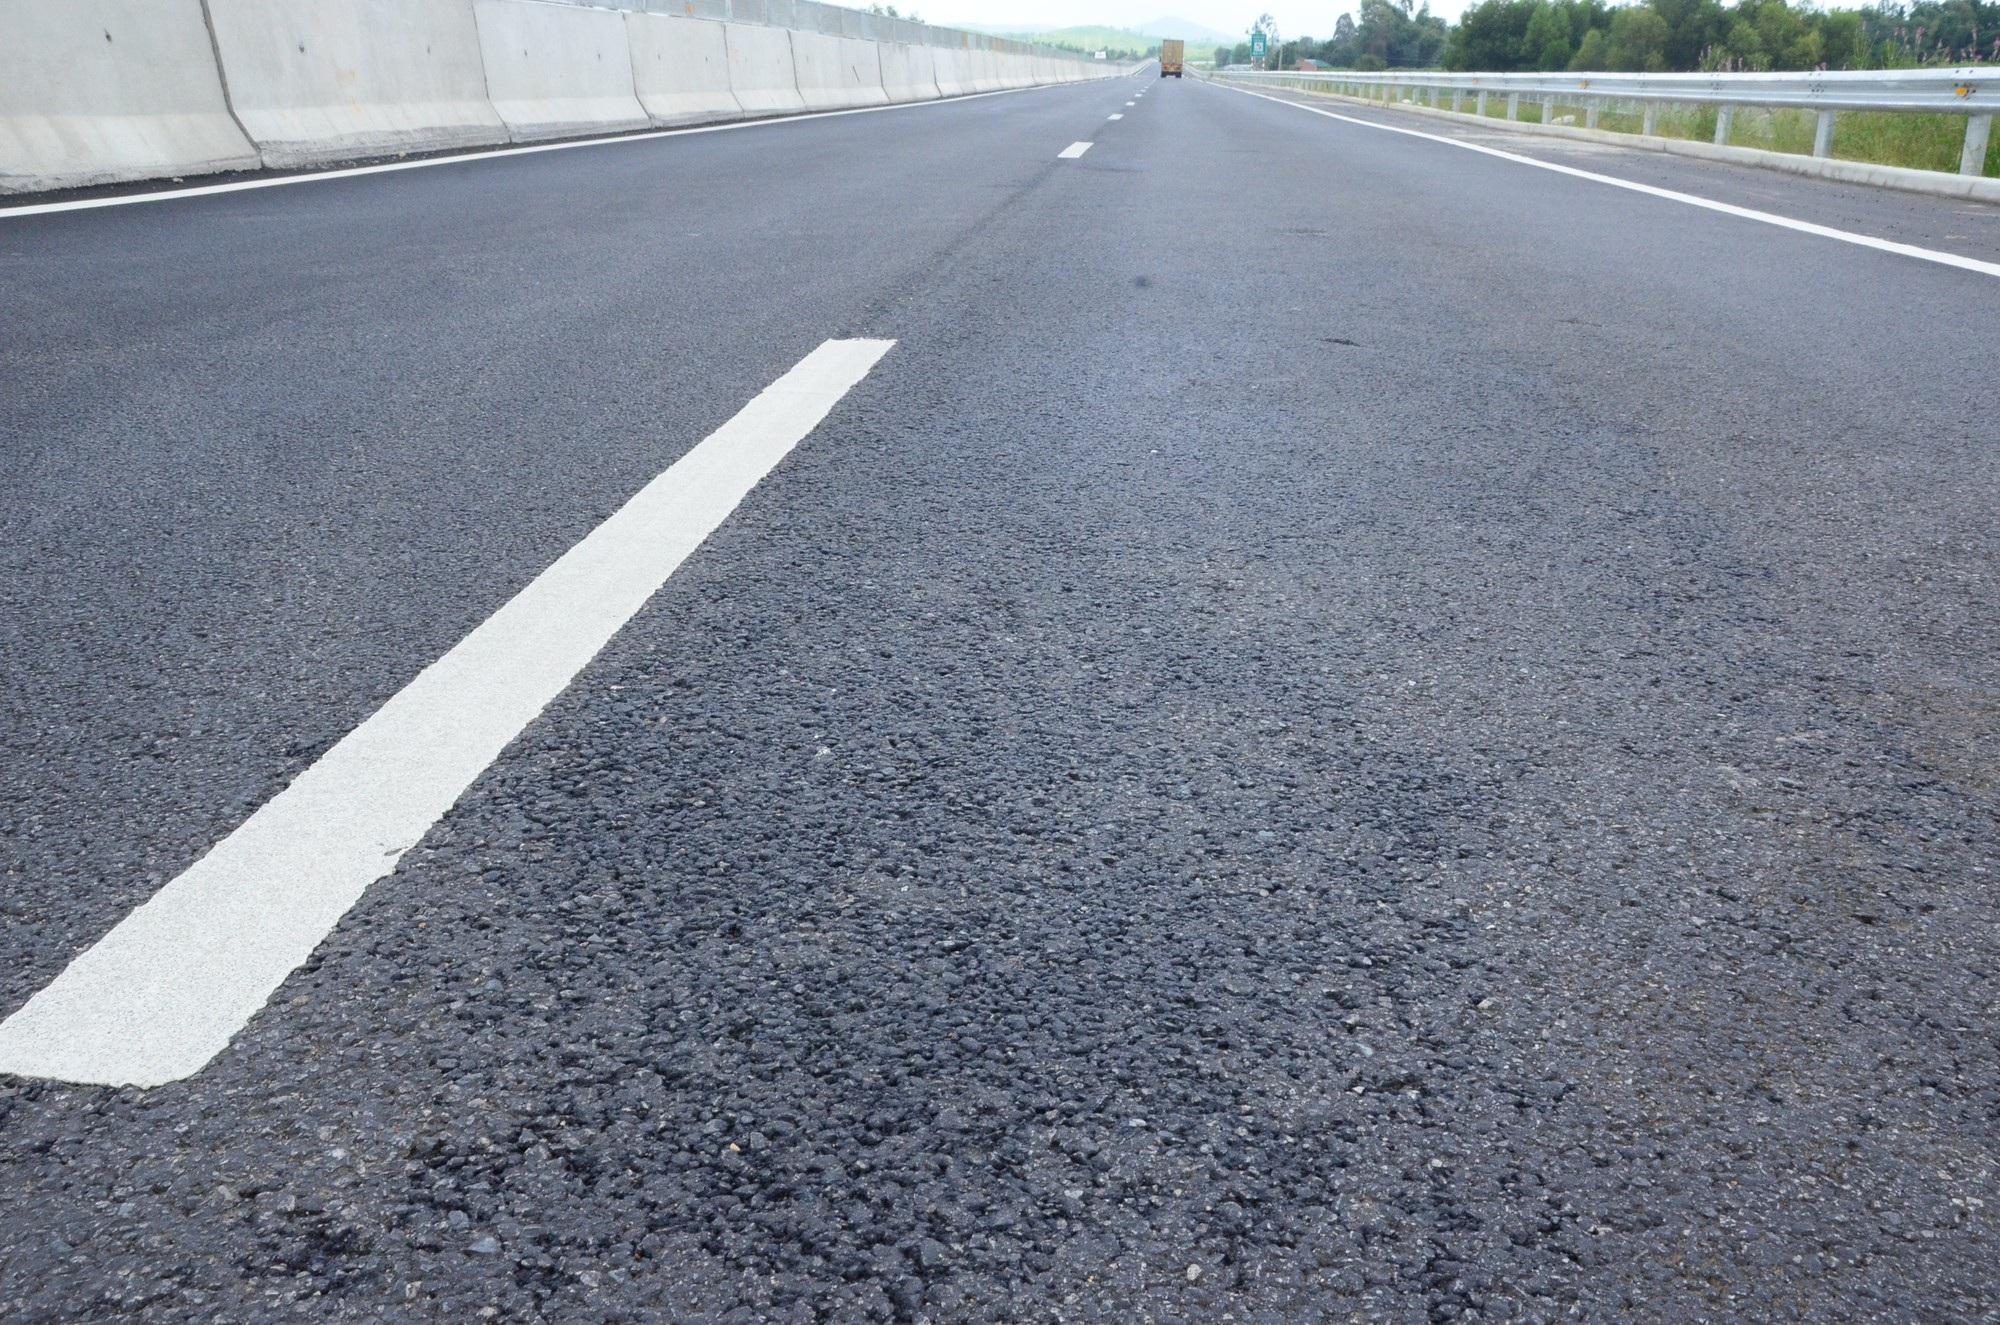 Cao tốc Đà Nẵng - Quảng Ngãi: Bê tông mái taluy vỡ vụn - Ảnh 8.